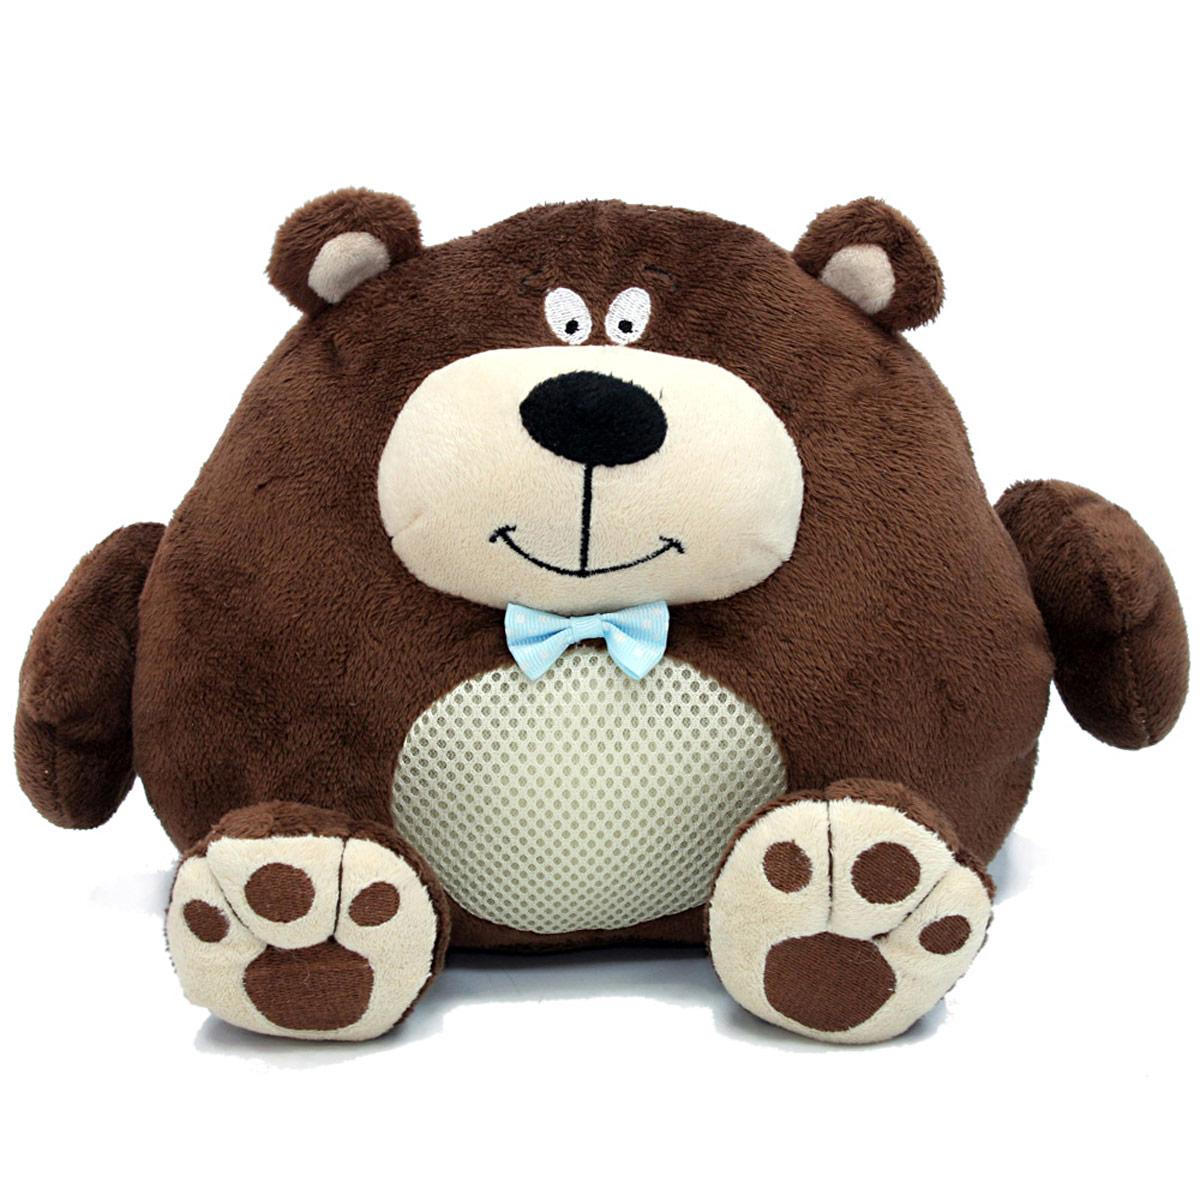 LAPA House Мягкая игрушка Медведь24448Забавный и очень веселый зверек привлечет внимание ребенка и станет ему добрым другом. Он так весело хохочет и трясется, что невозможно остаться равнодушным и не рассмеяться вместе с ним! Популярные, любимые образы - кот, собака, медведь и енот, - понравятся и малышам, и их родителям. Описание: -кнопка включения на левой лапе игрушки - двигается с вибрацией - звуковые эффекты(хохочет) - отключение через 15 сек, после нажатия кнопки - работает от 3хАА батареек (в комплект не входят)